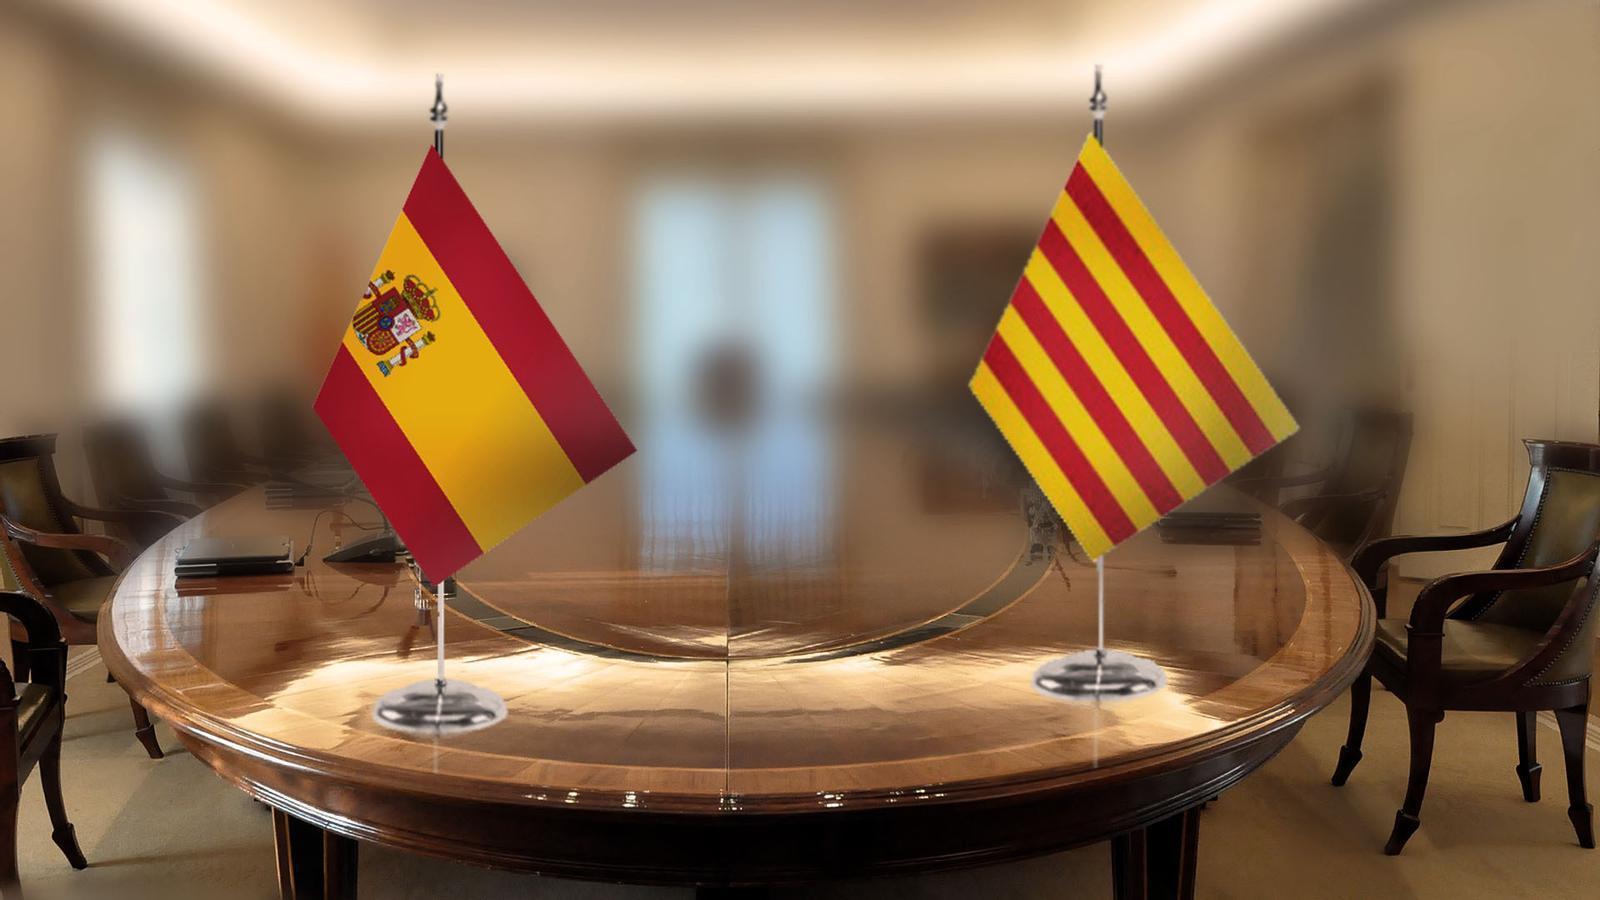 L'anàlisi d'Antoni Bassas: 'Una part espanyola i dues parts catalanes'